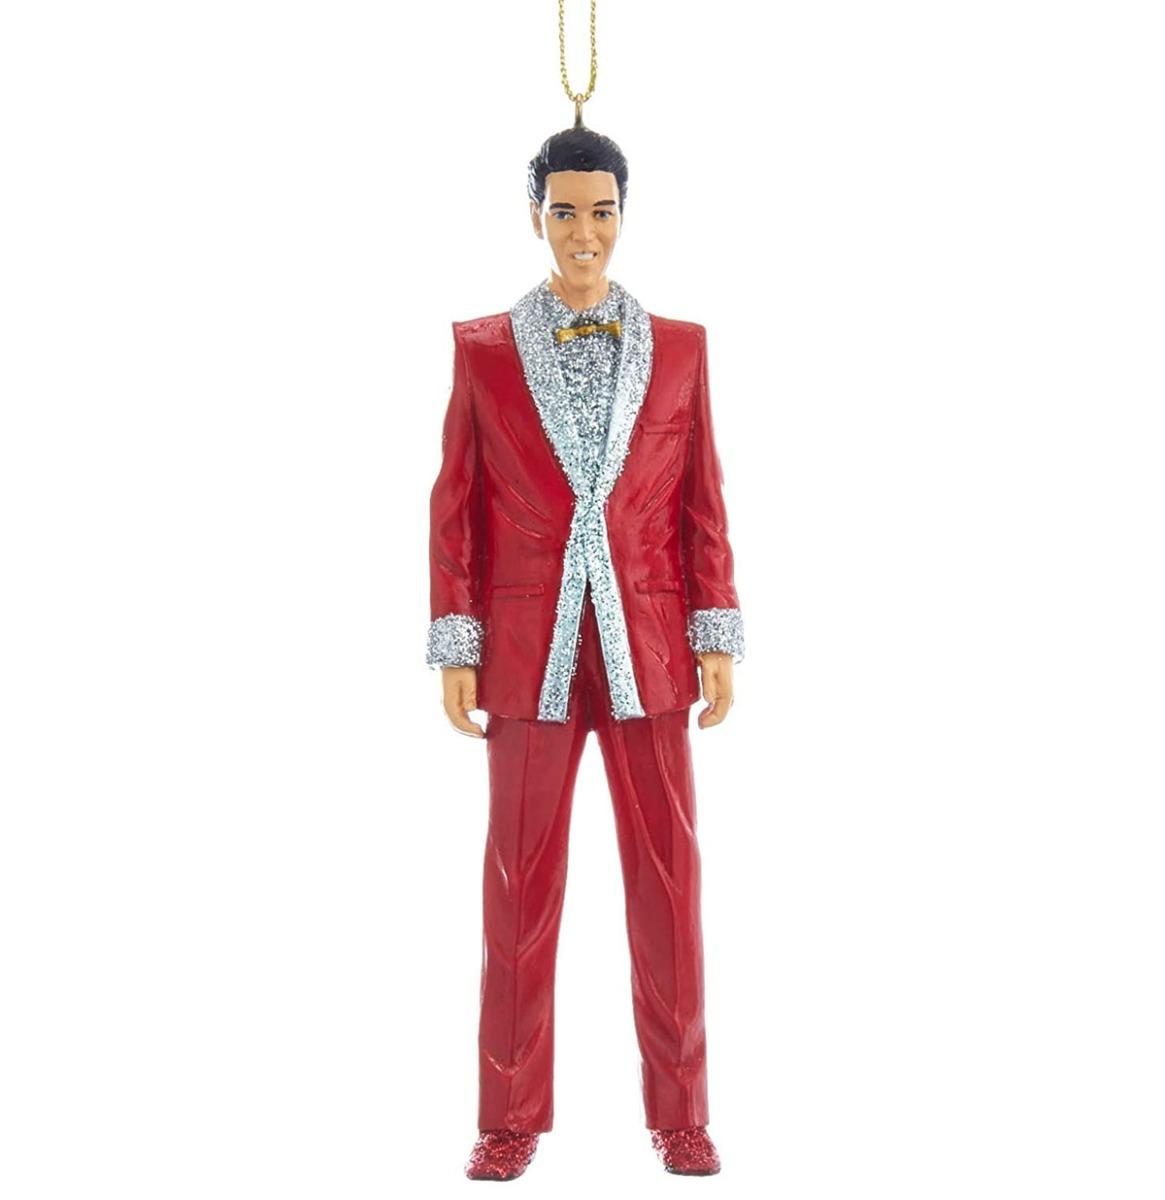 Elvis Presley In Rood Pak Kerst Ornament